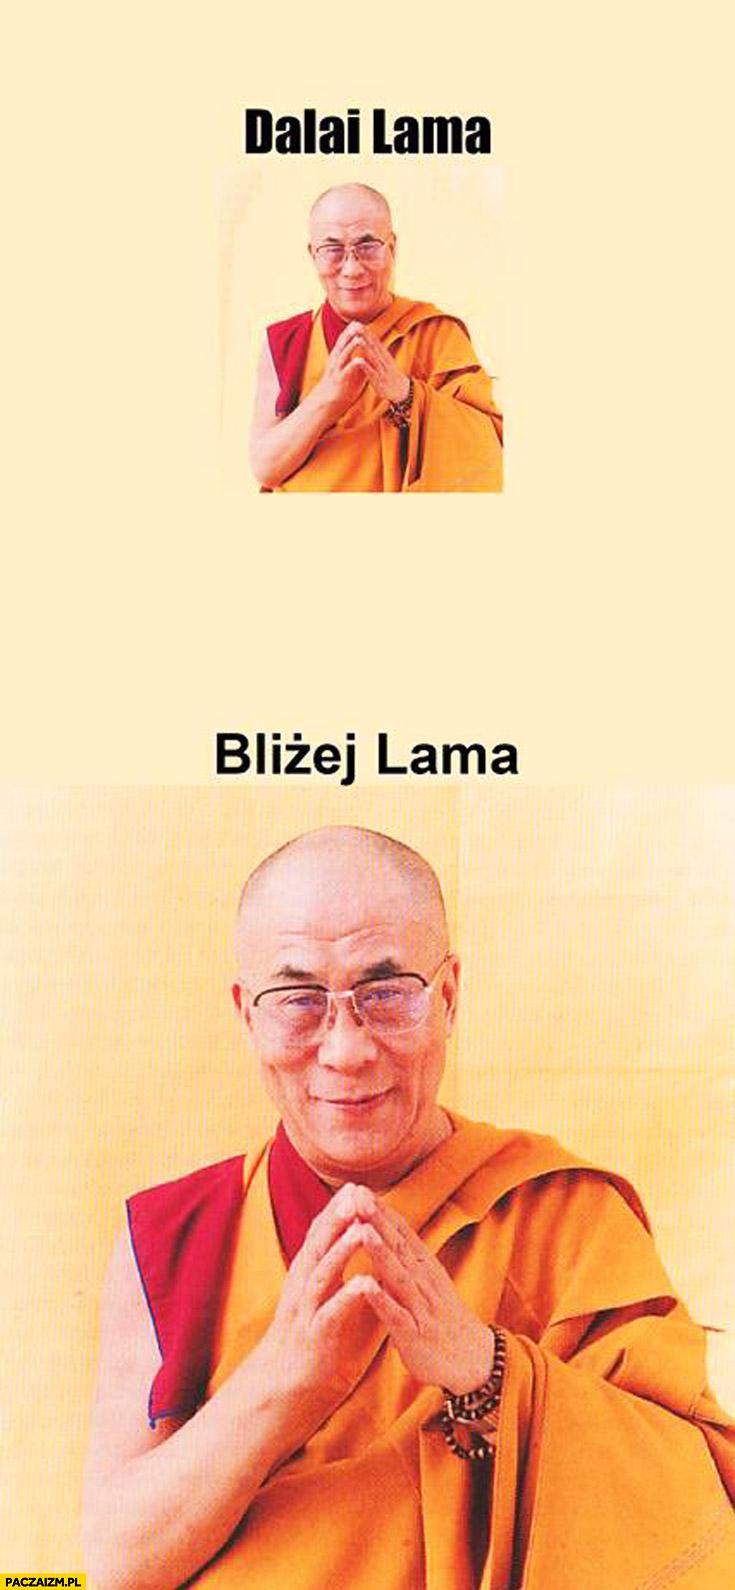 Trevor Manual Dalai Lama